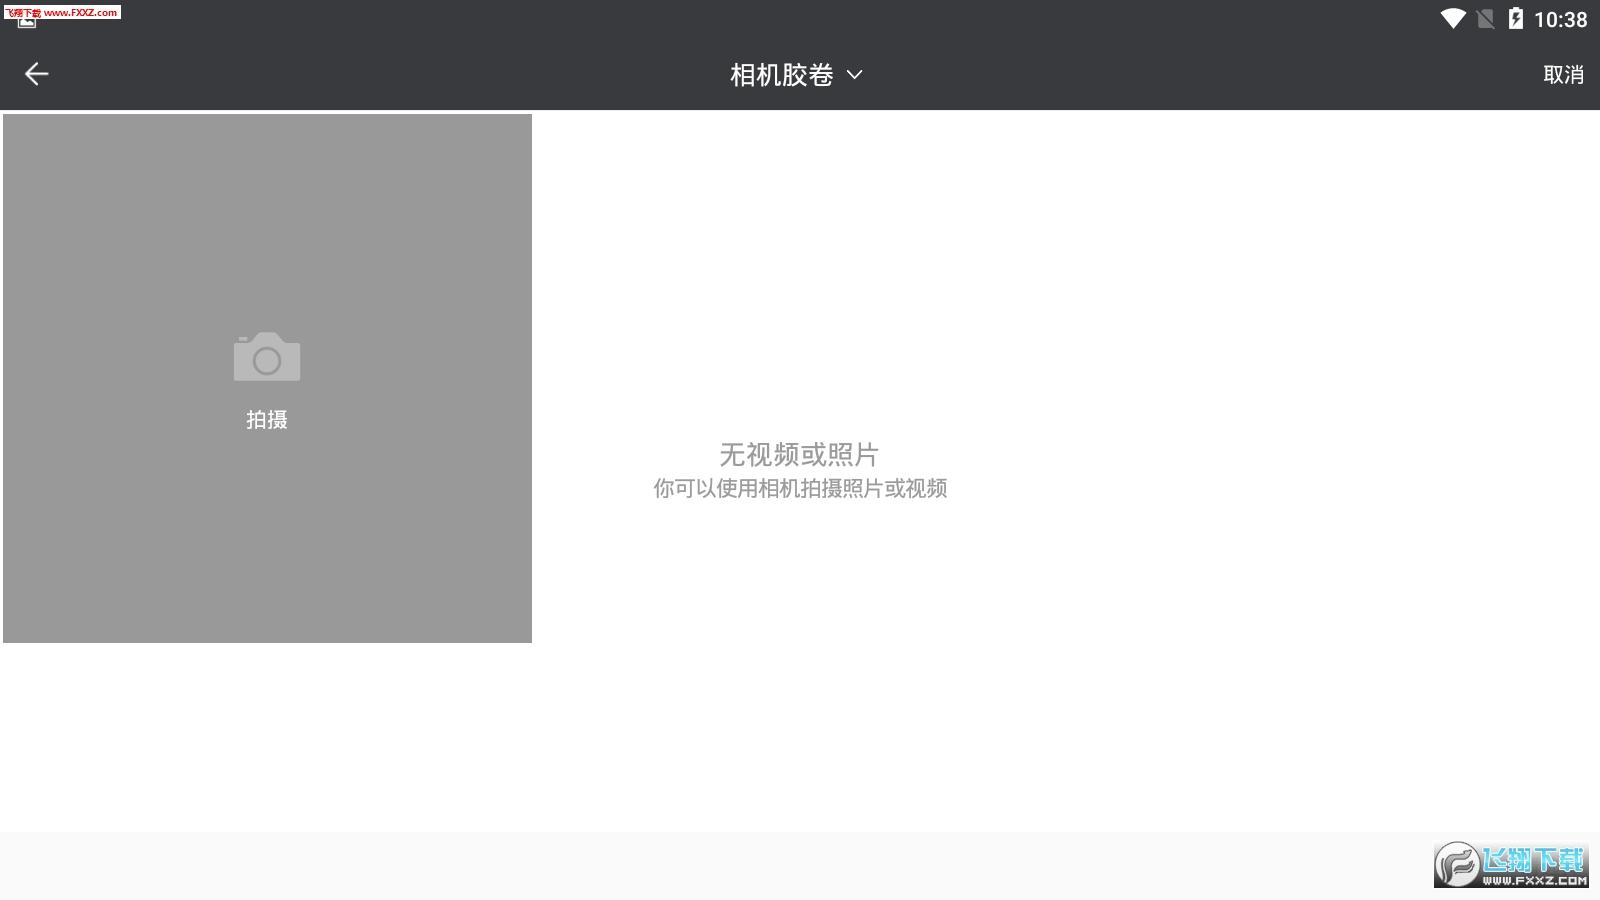 秋葵视频2020最新下载地址1.0截图1